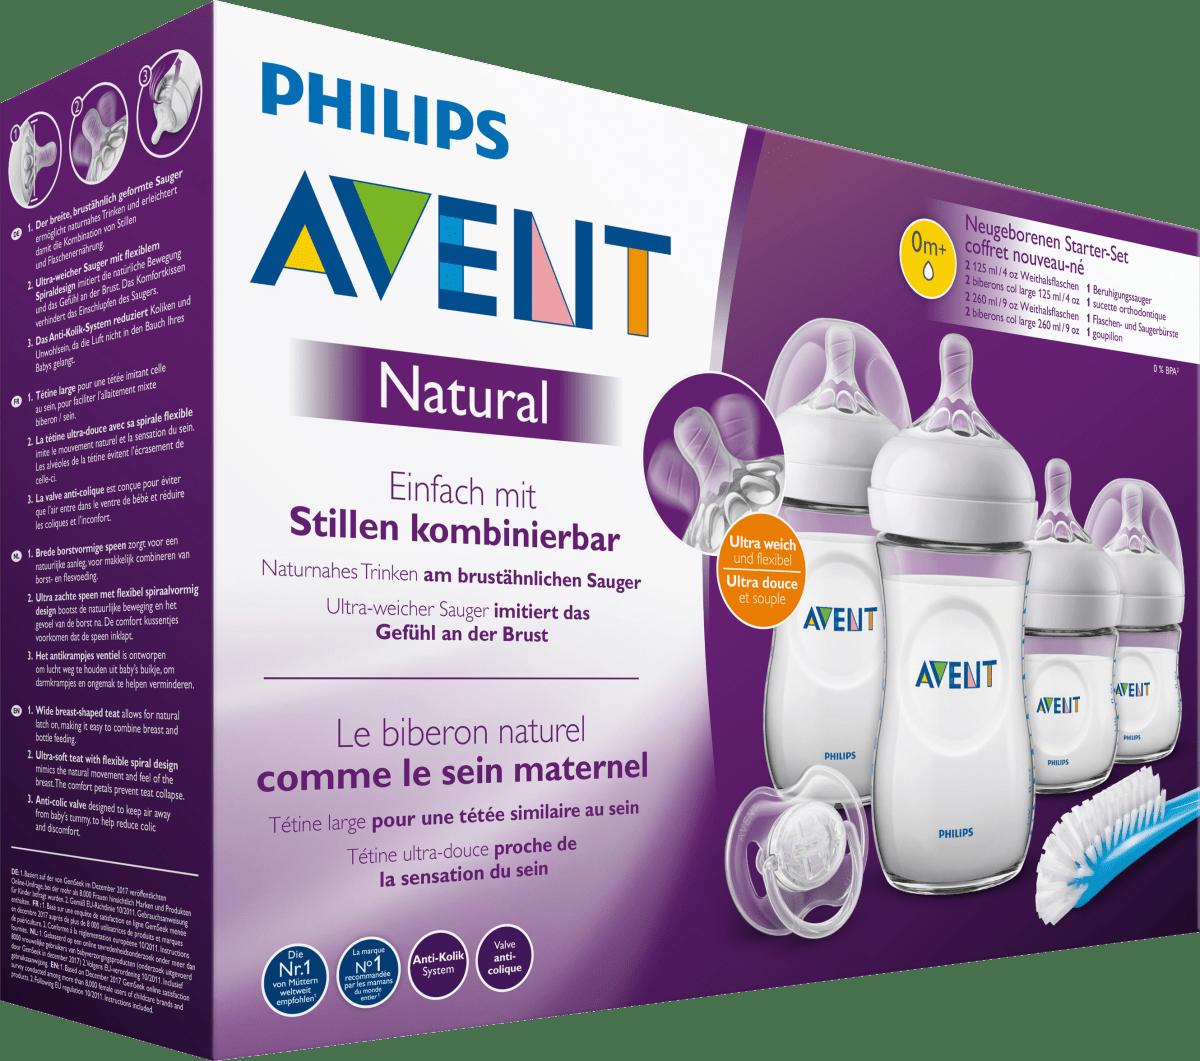 Philips AVENT Starter-Set MEGA-SET All-in-One mit viel Zubehör